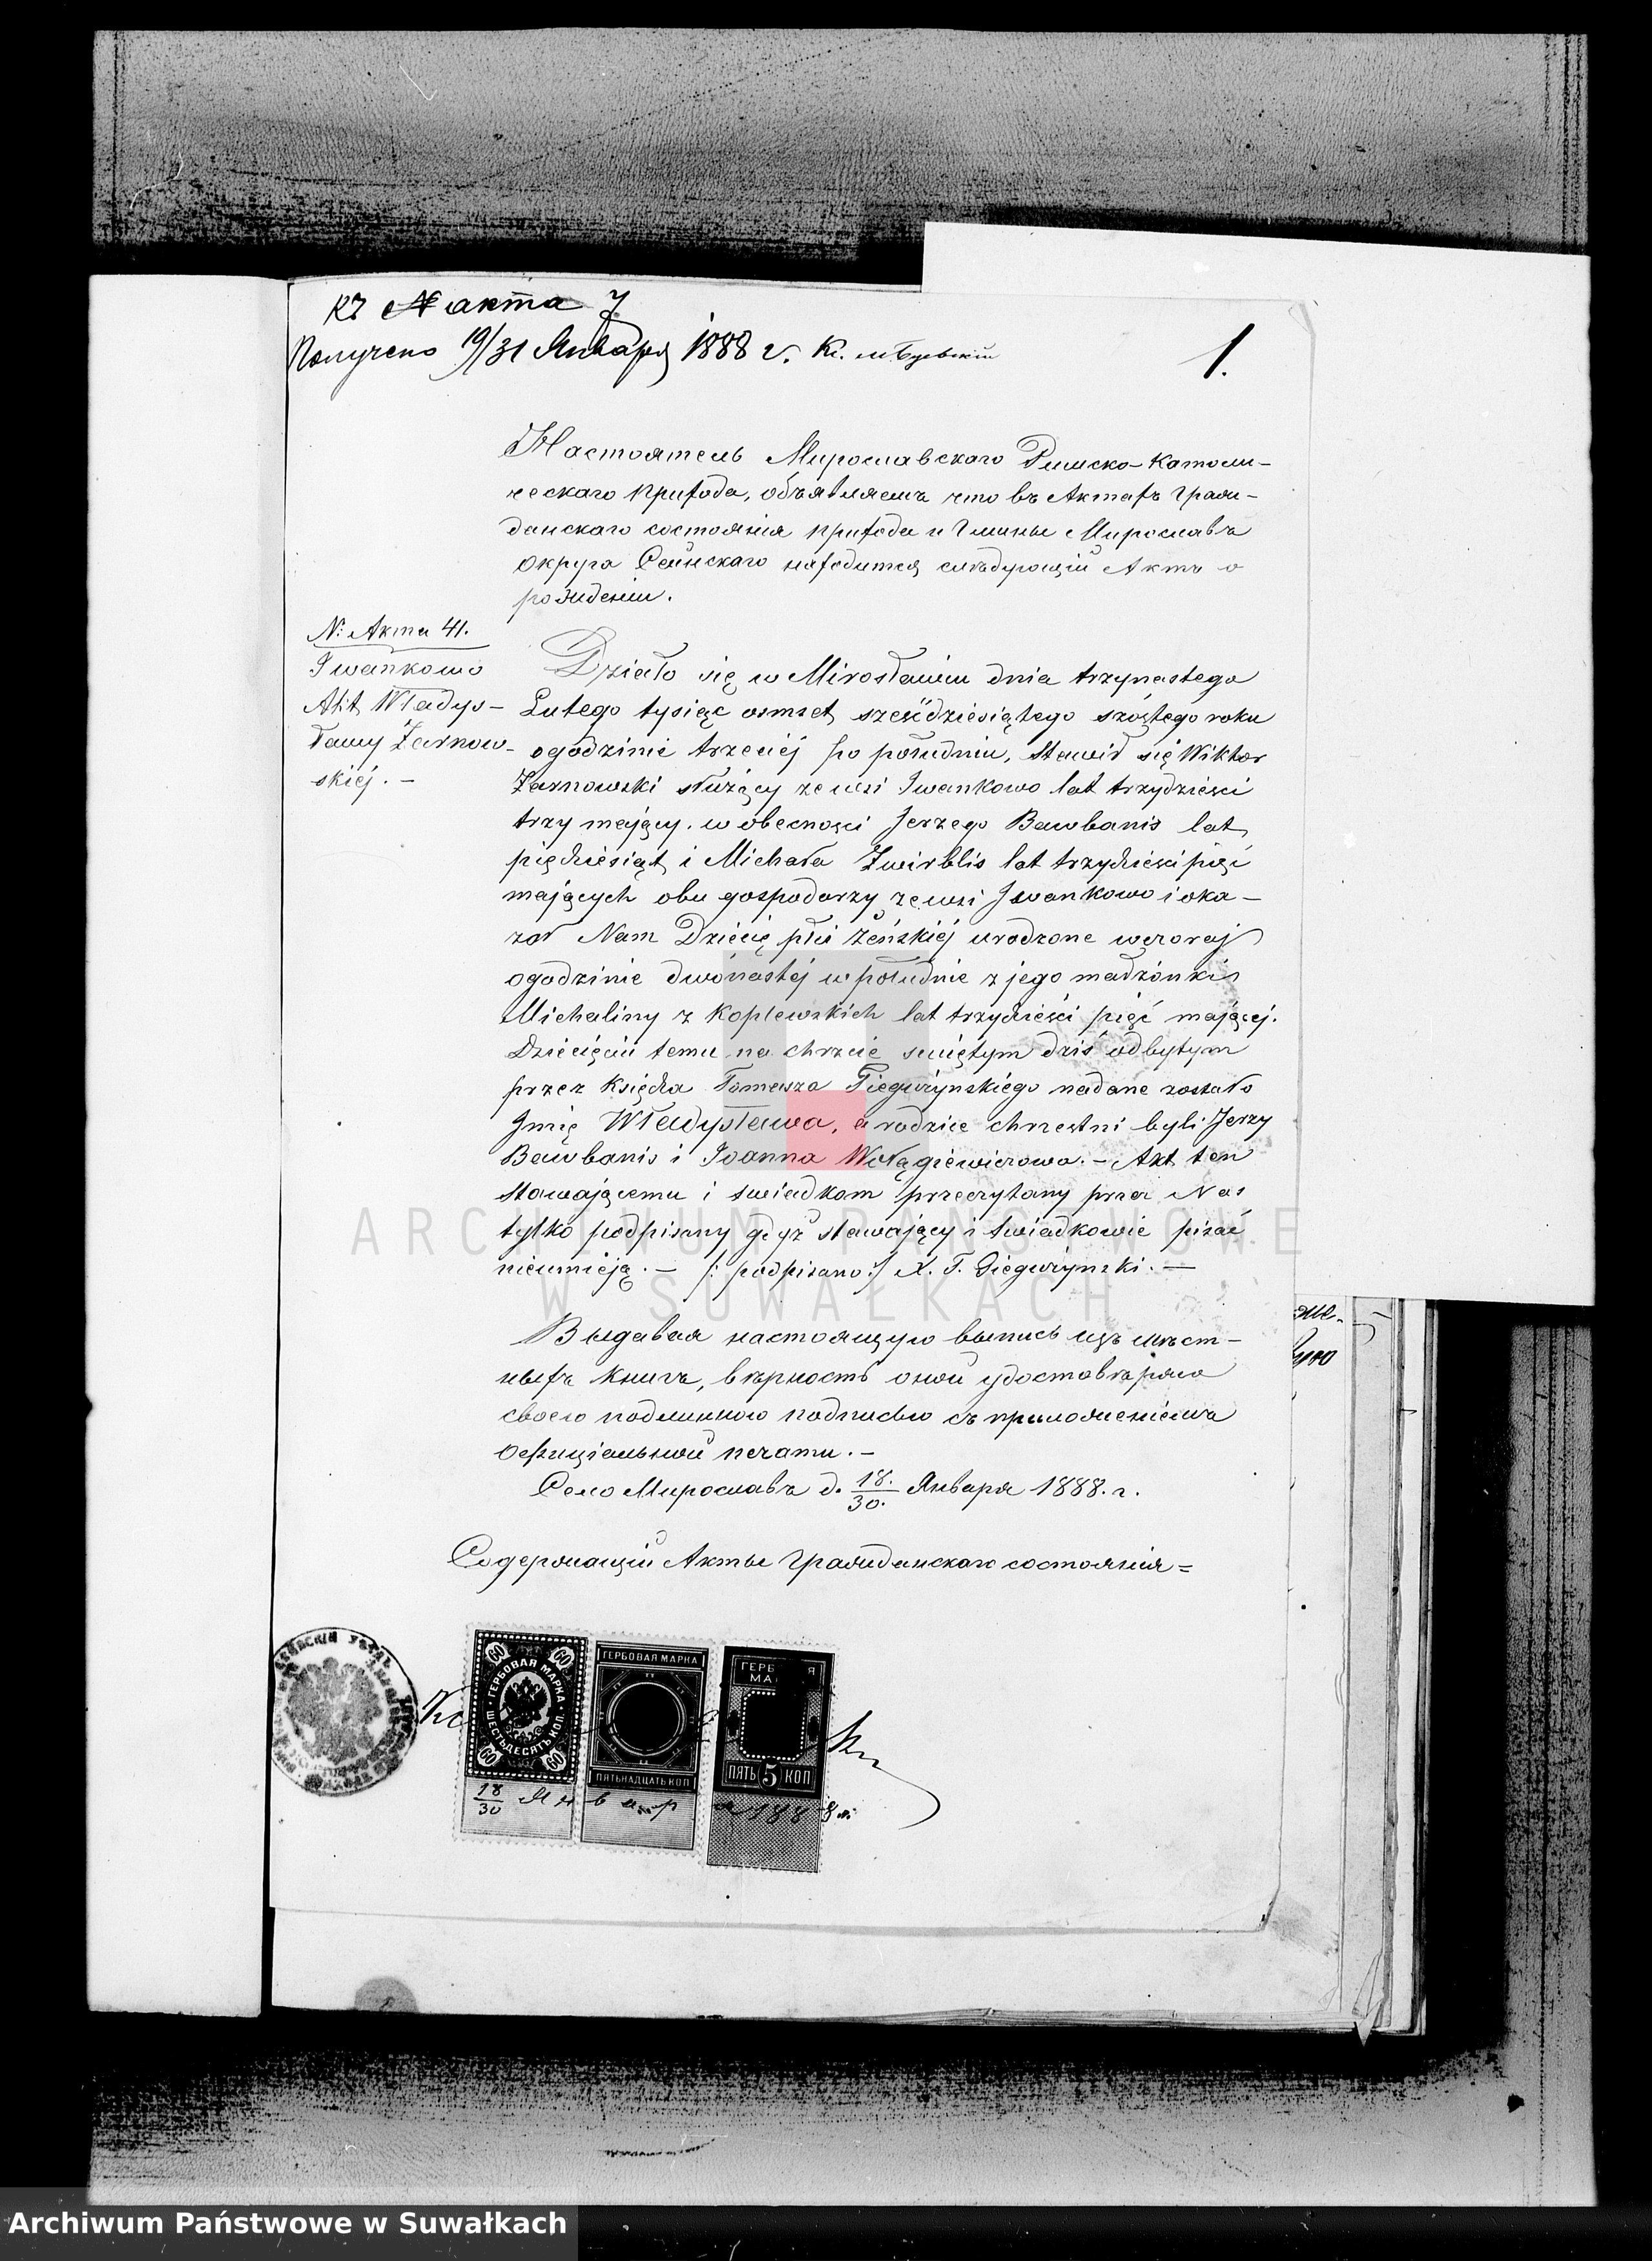 Skan z jednostki: Dokumenty k aktom brakosočetavšichsja Serejskago Rimsko-Katoličeskago Prichoda za 1888 god